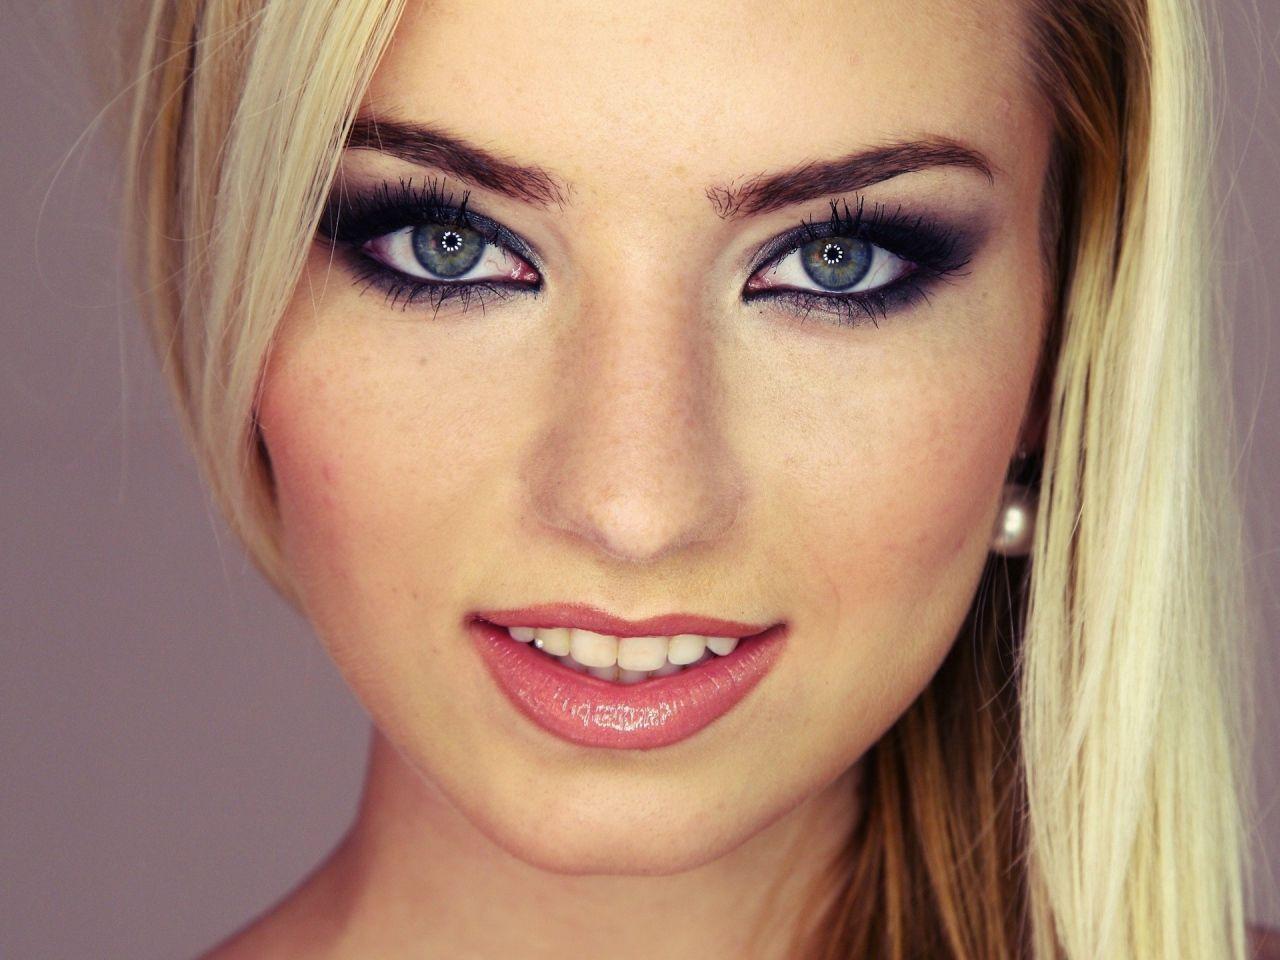 Фото макияжа для голубоглазых